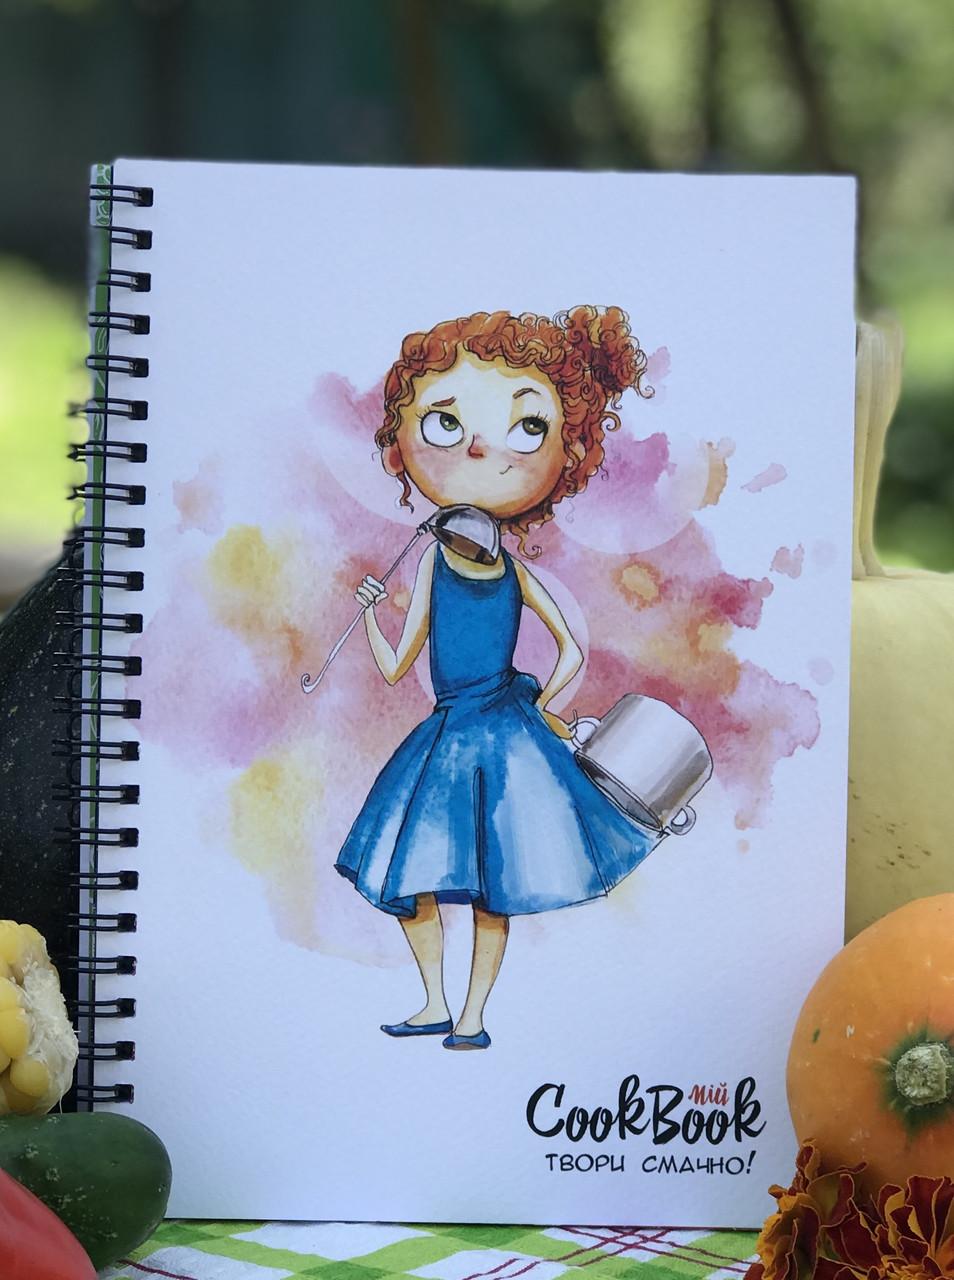 Кукбук кулинарная книга для рецептов Девочка